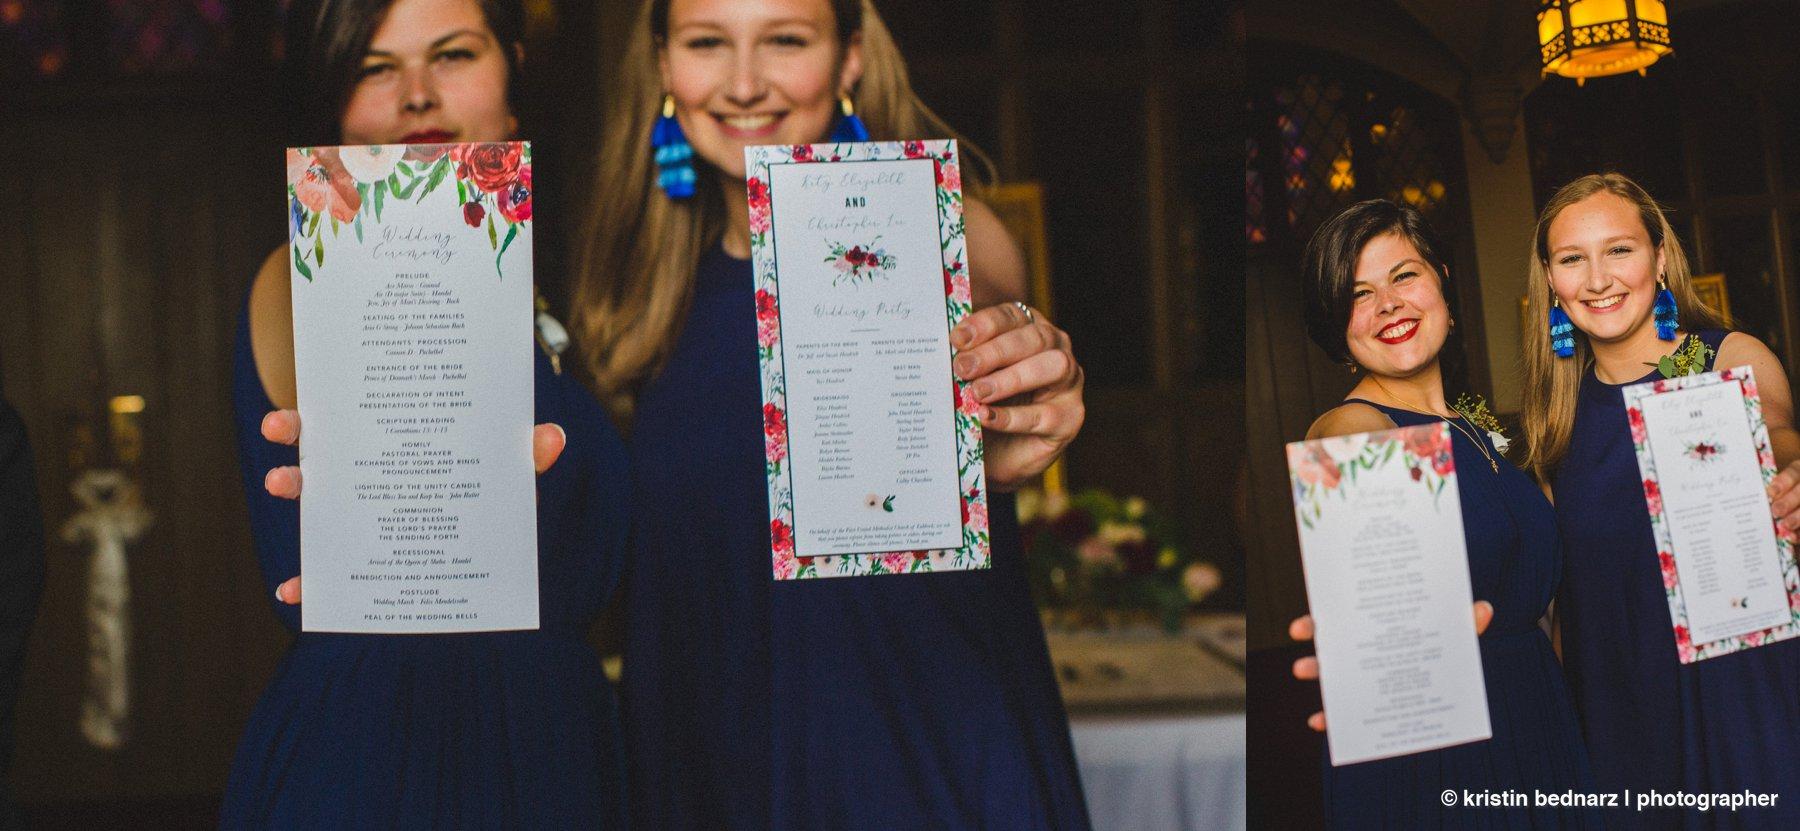 Krisitin_Bednarz_Lubbock_Wedding_Photographer_20180602_0056.JPG